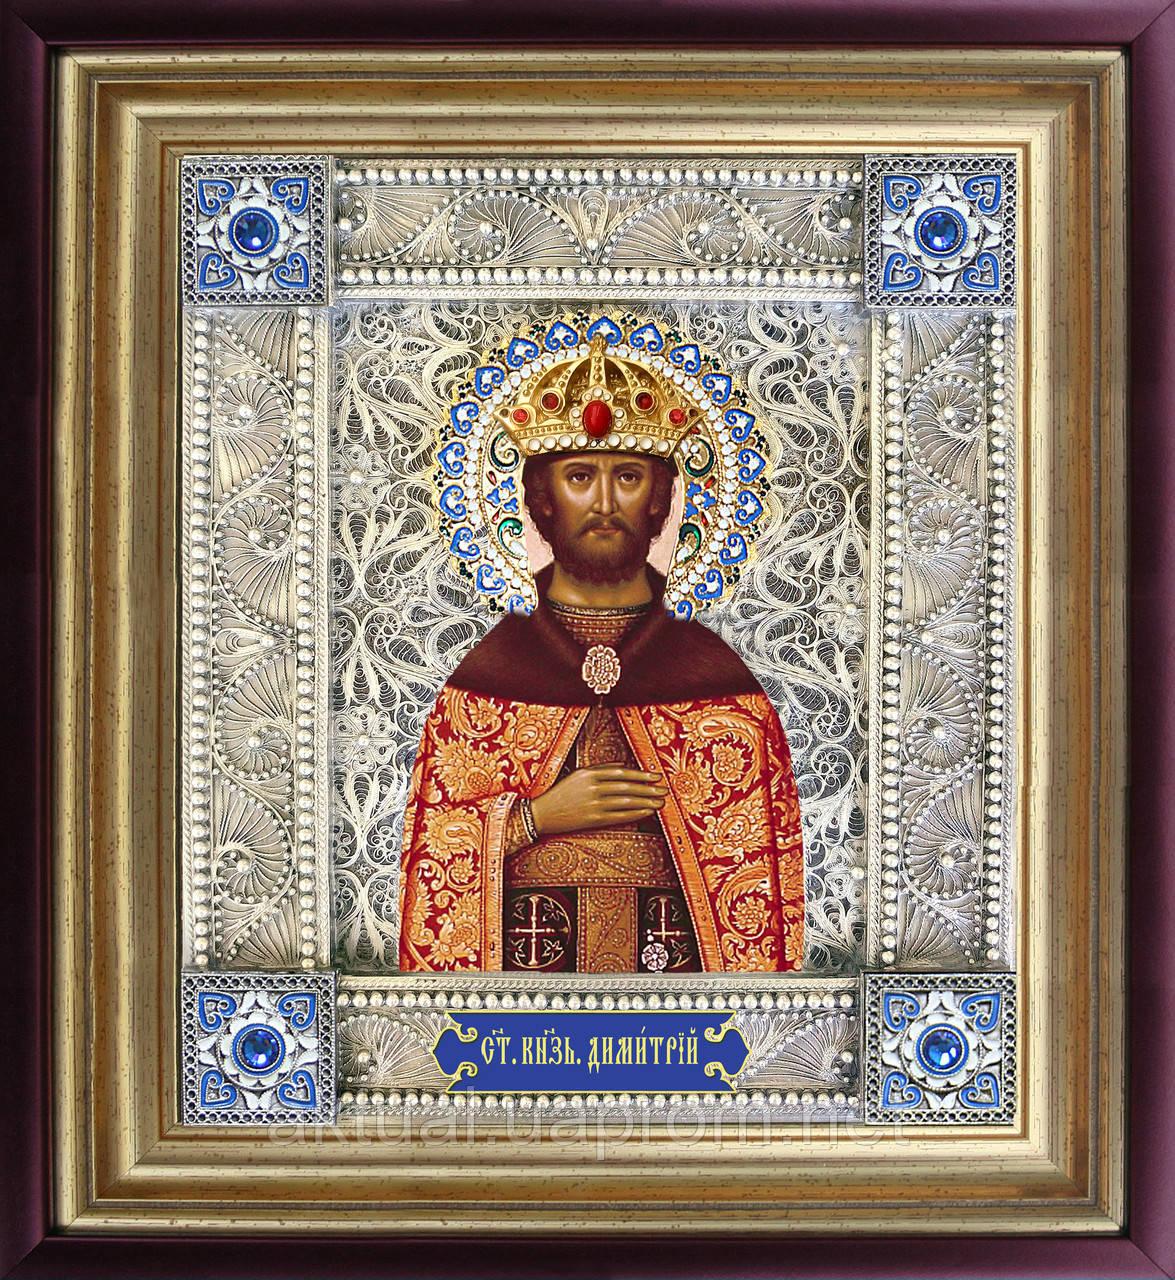 Дмитрий святой икона